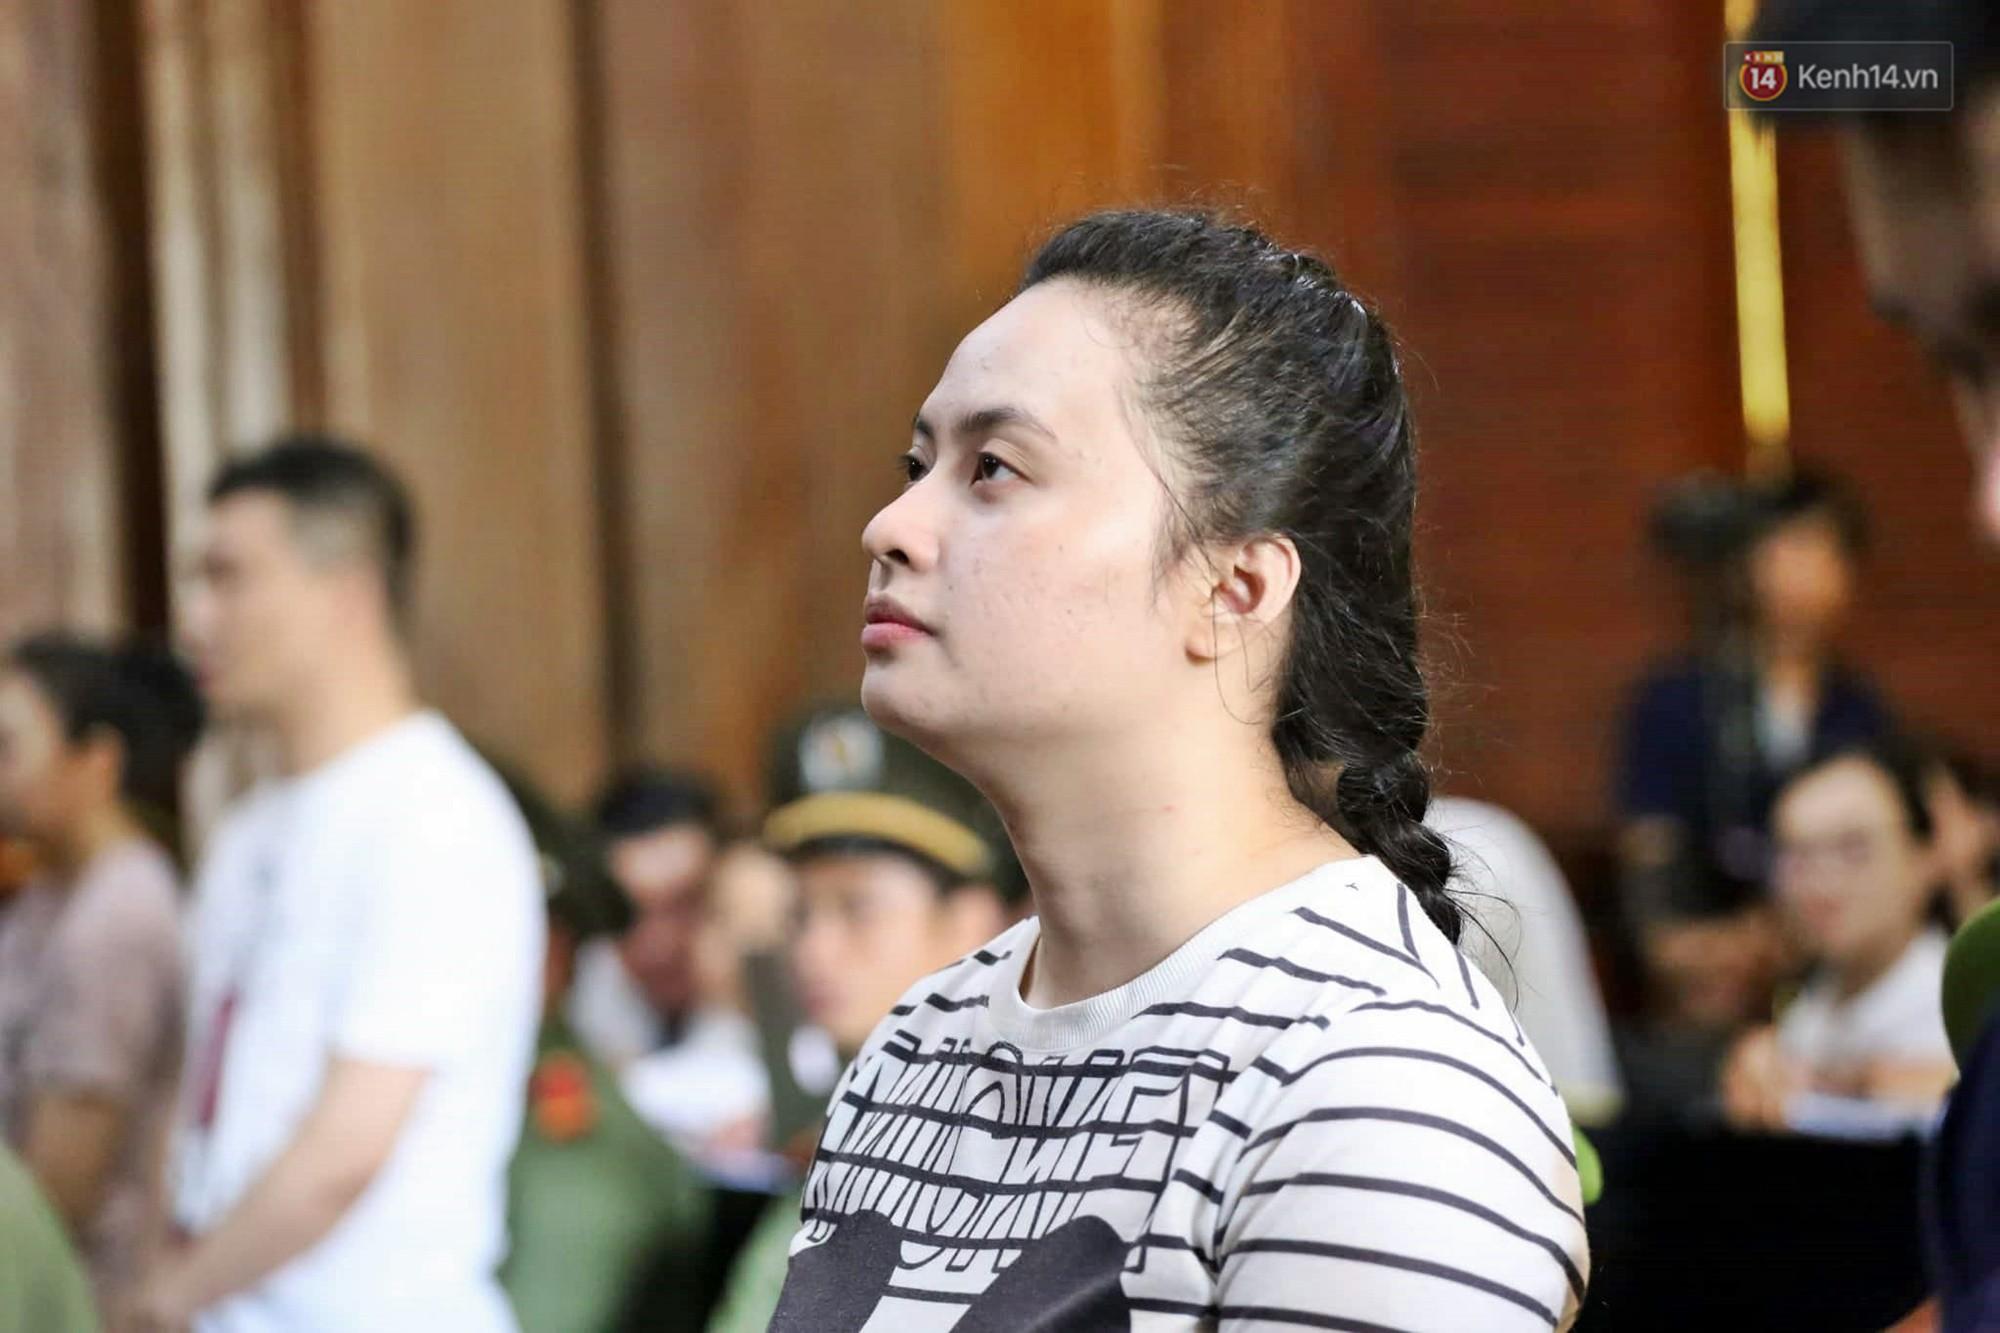 Ông trùm Văn Kính Dương vẫn cười dù bị đề nghị tử hình, hotgirl Ngọc Miu bật khóc khi VKS đưa mức án 20 năm tù - Ảnh 12.